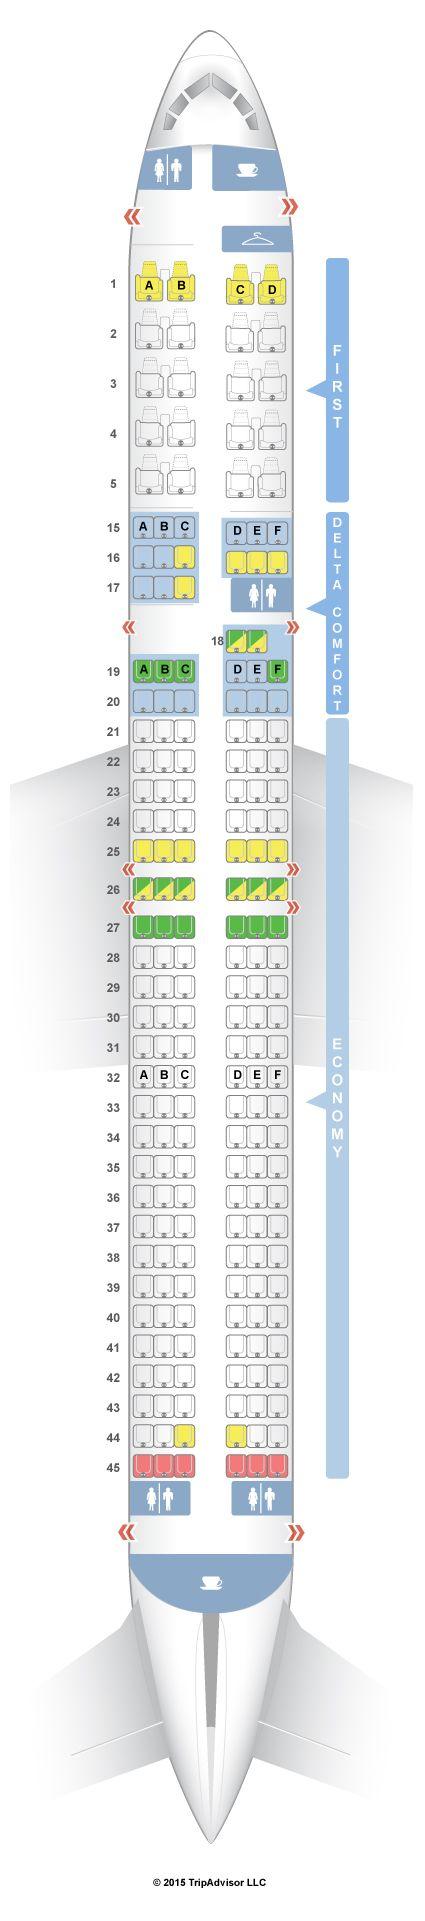 Aer Lingus 757 200 Seat Map Brokeasshome Com